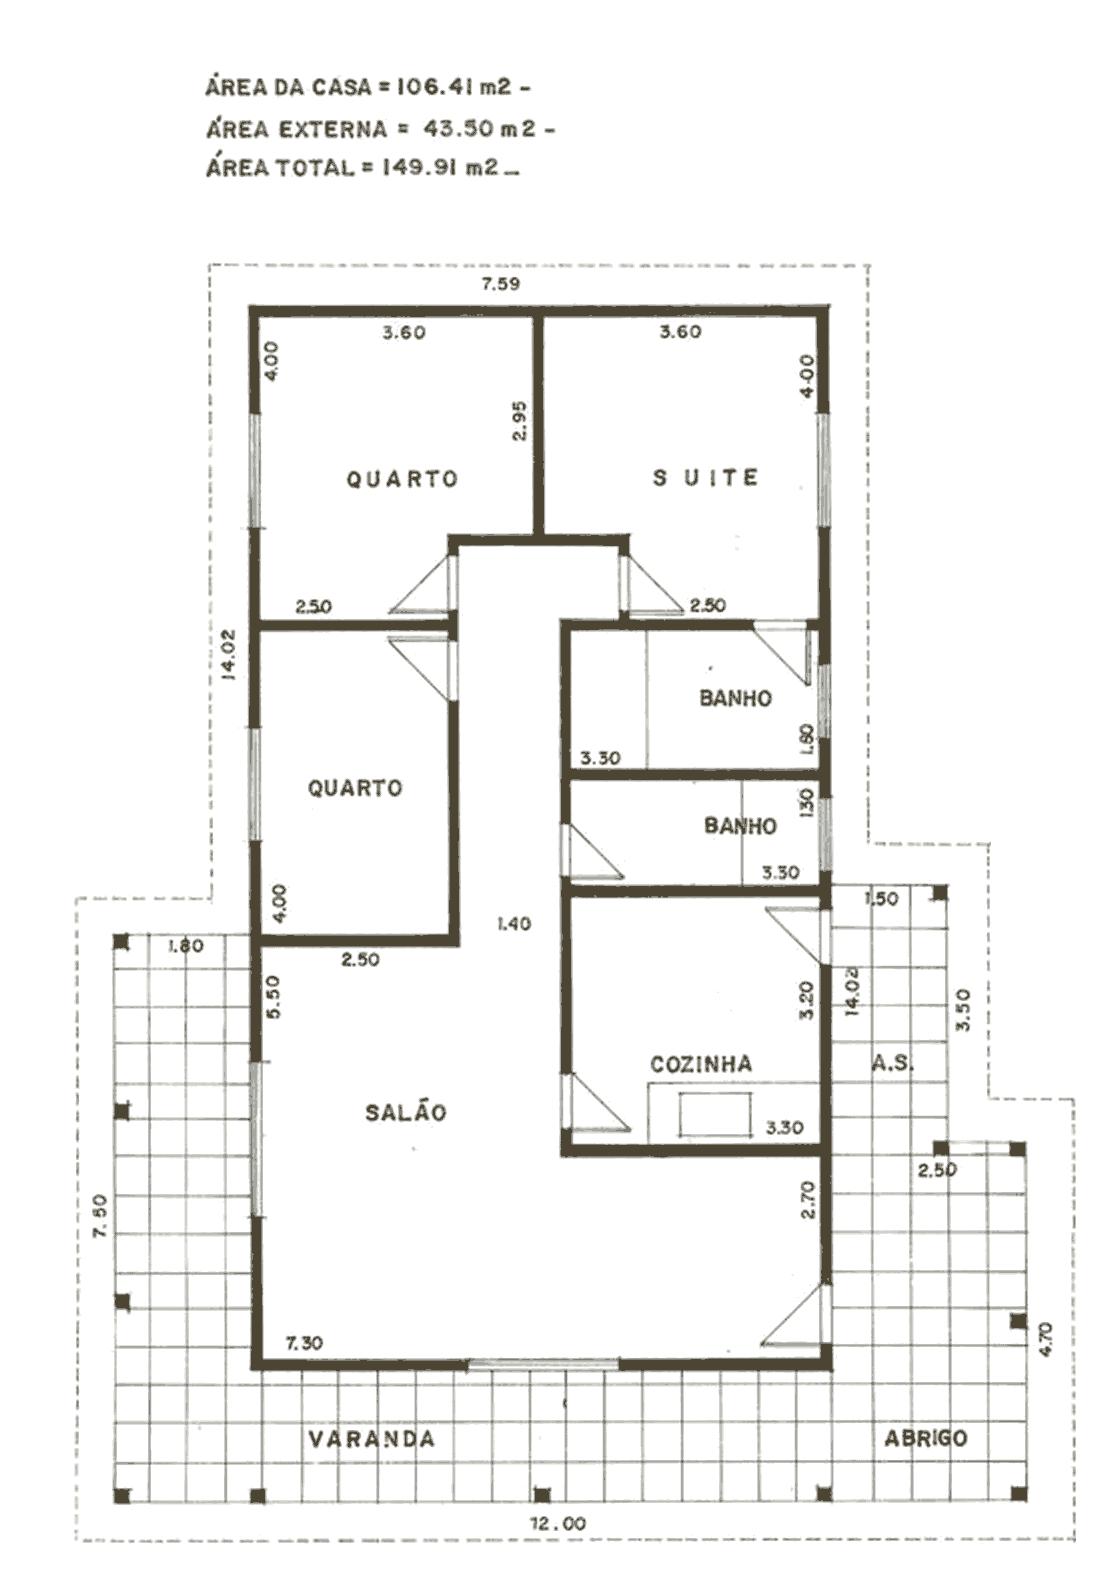 uma suíte cozinha varanda área de serviço e uma ampla sala de #3C3423 1110 1578